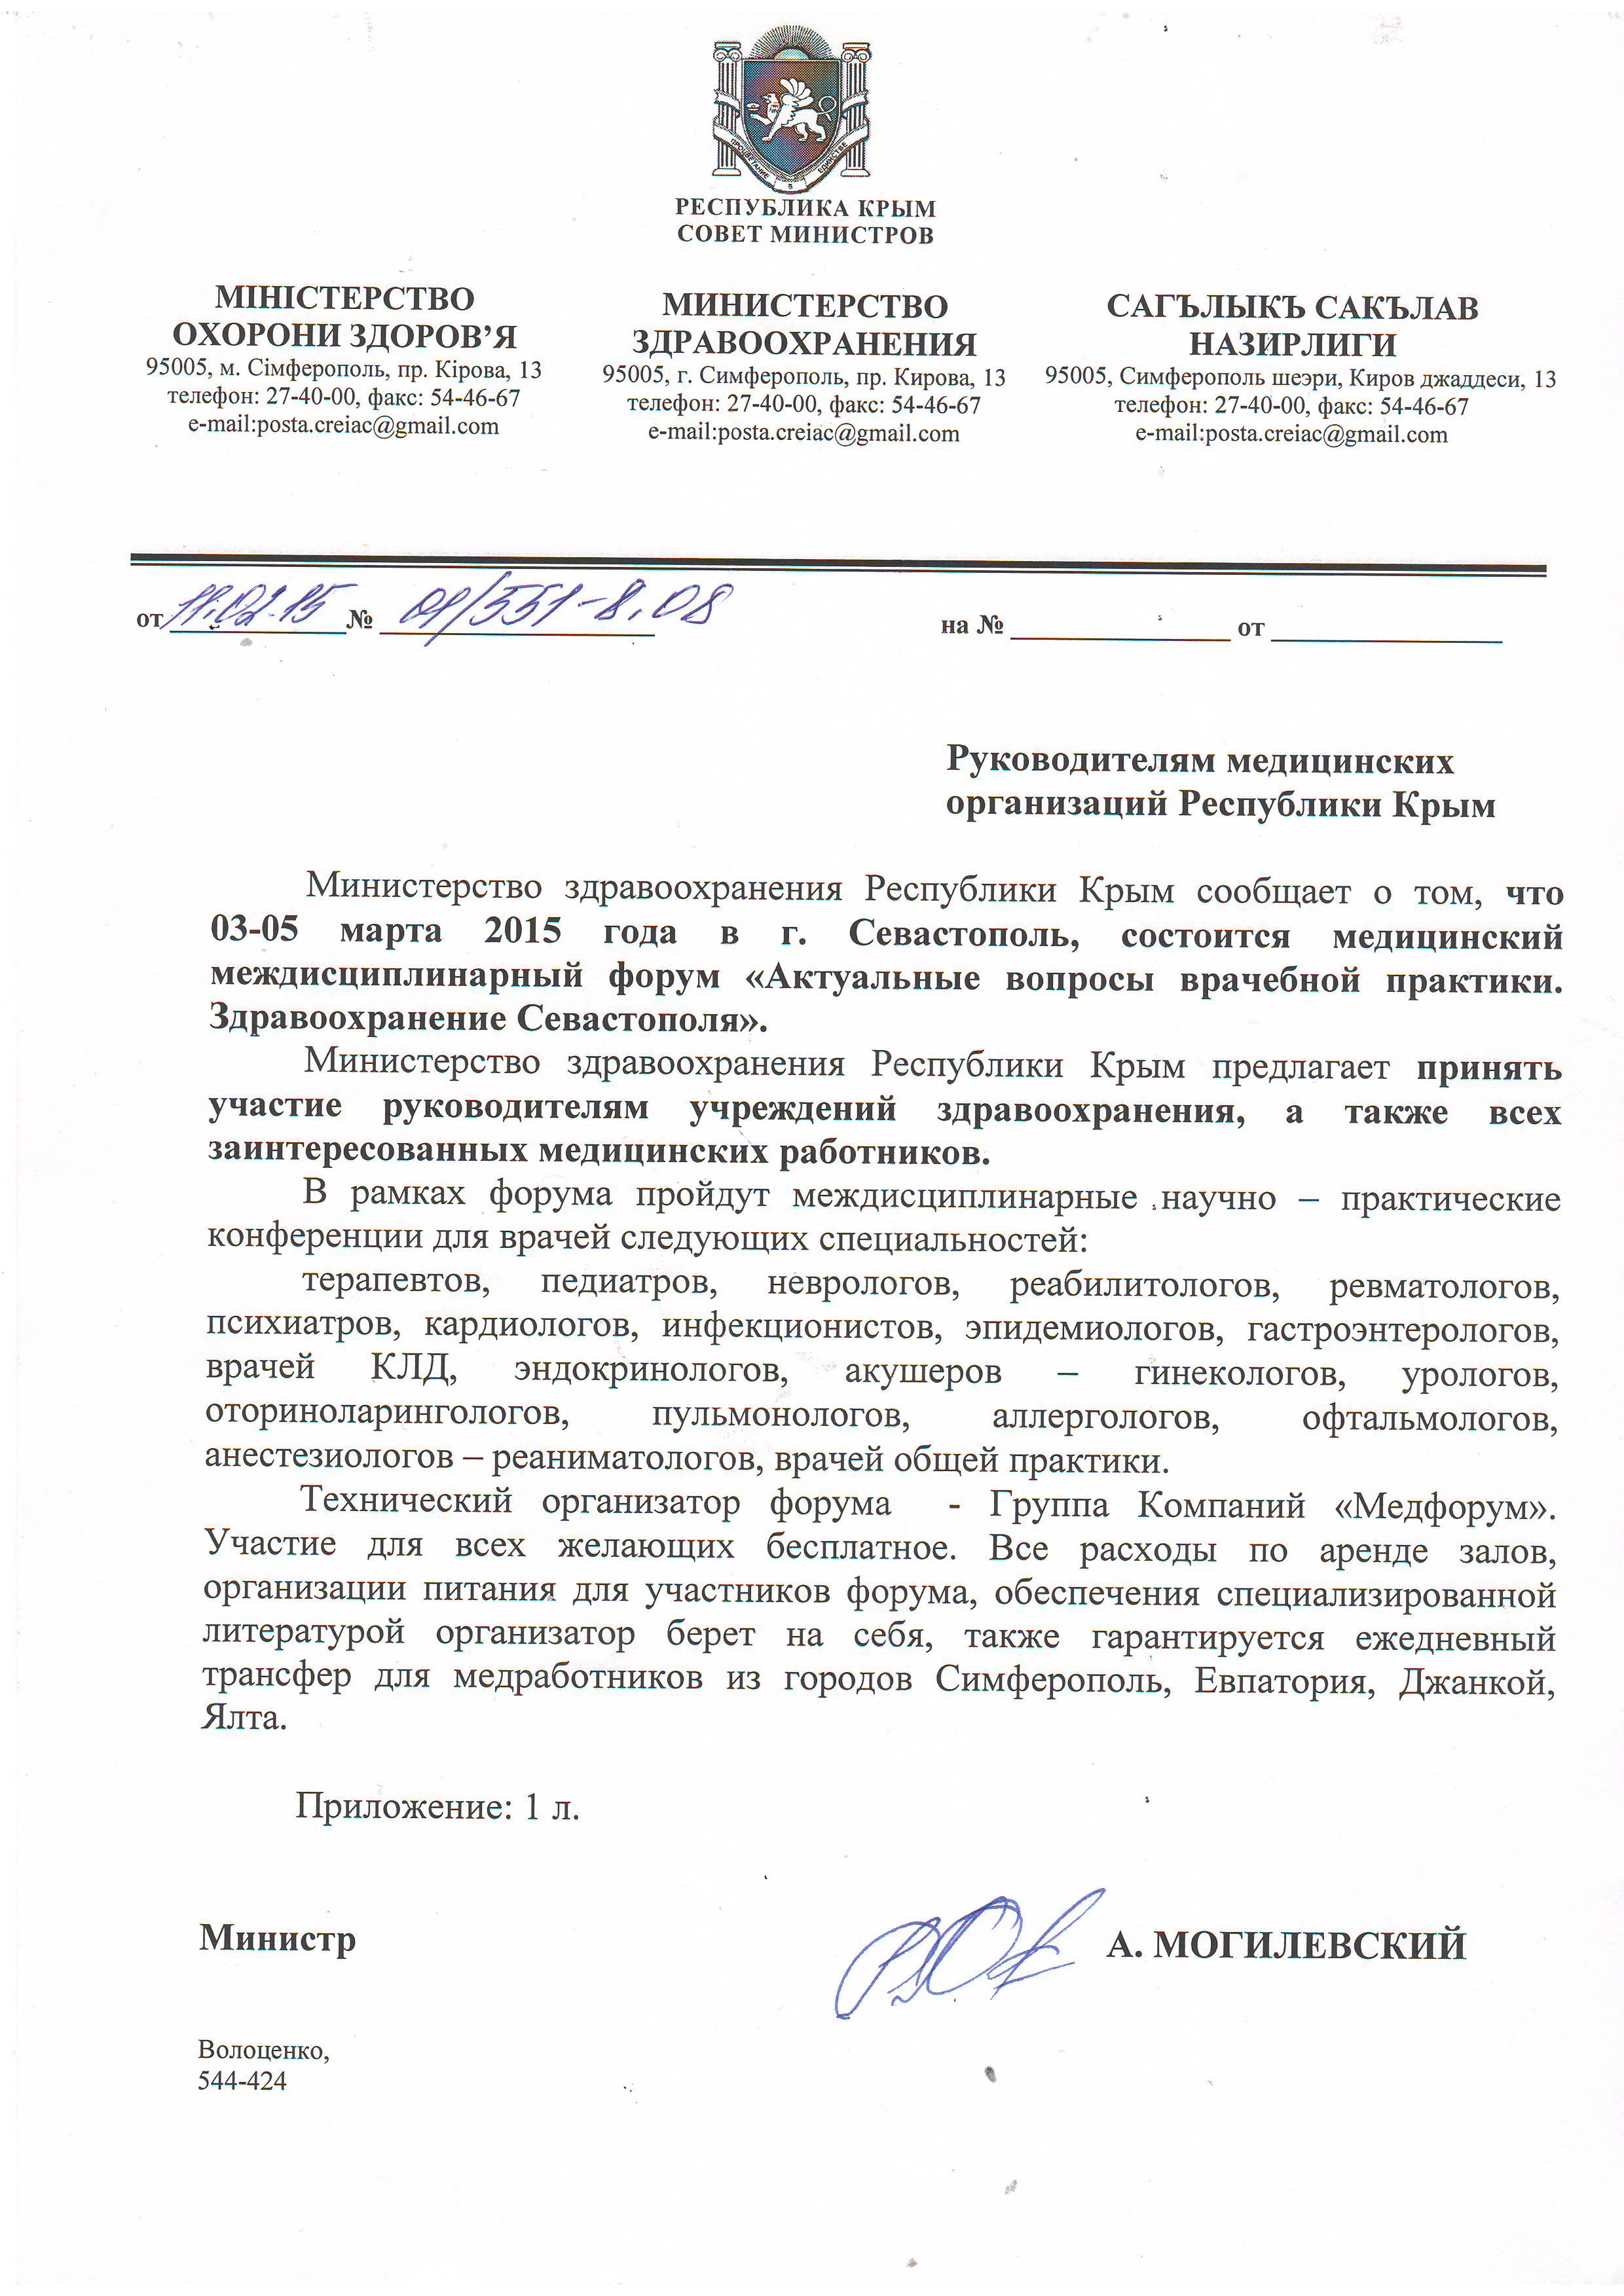 Письмо Министерства Здравоохранения Республики Крым от 11.02.2015 №01/551-8.08